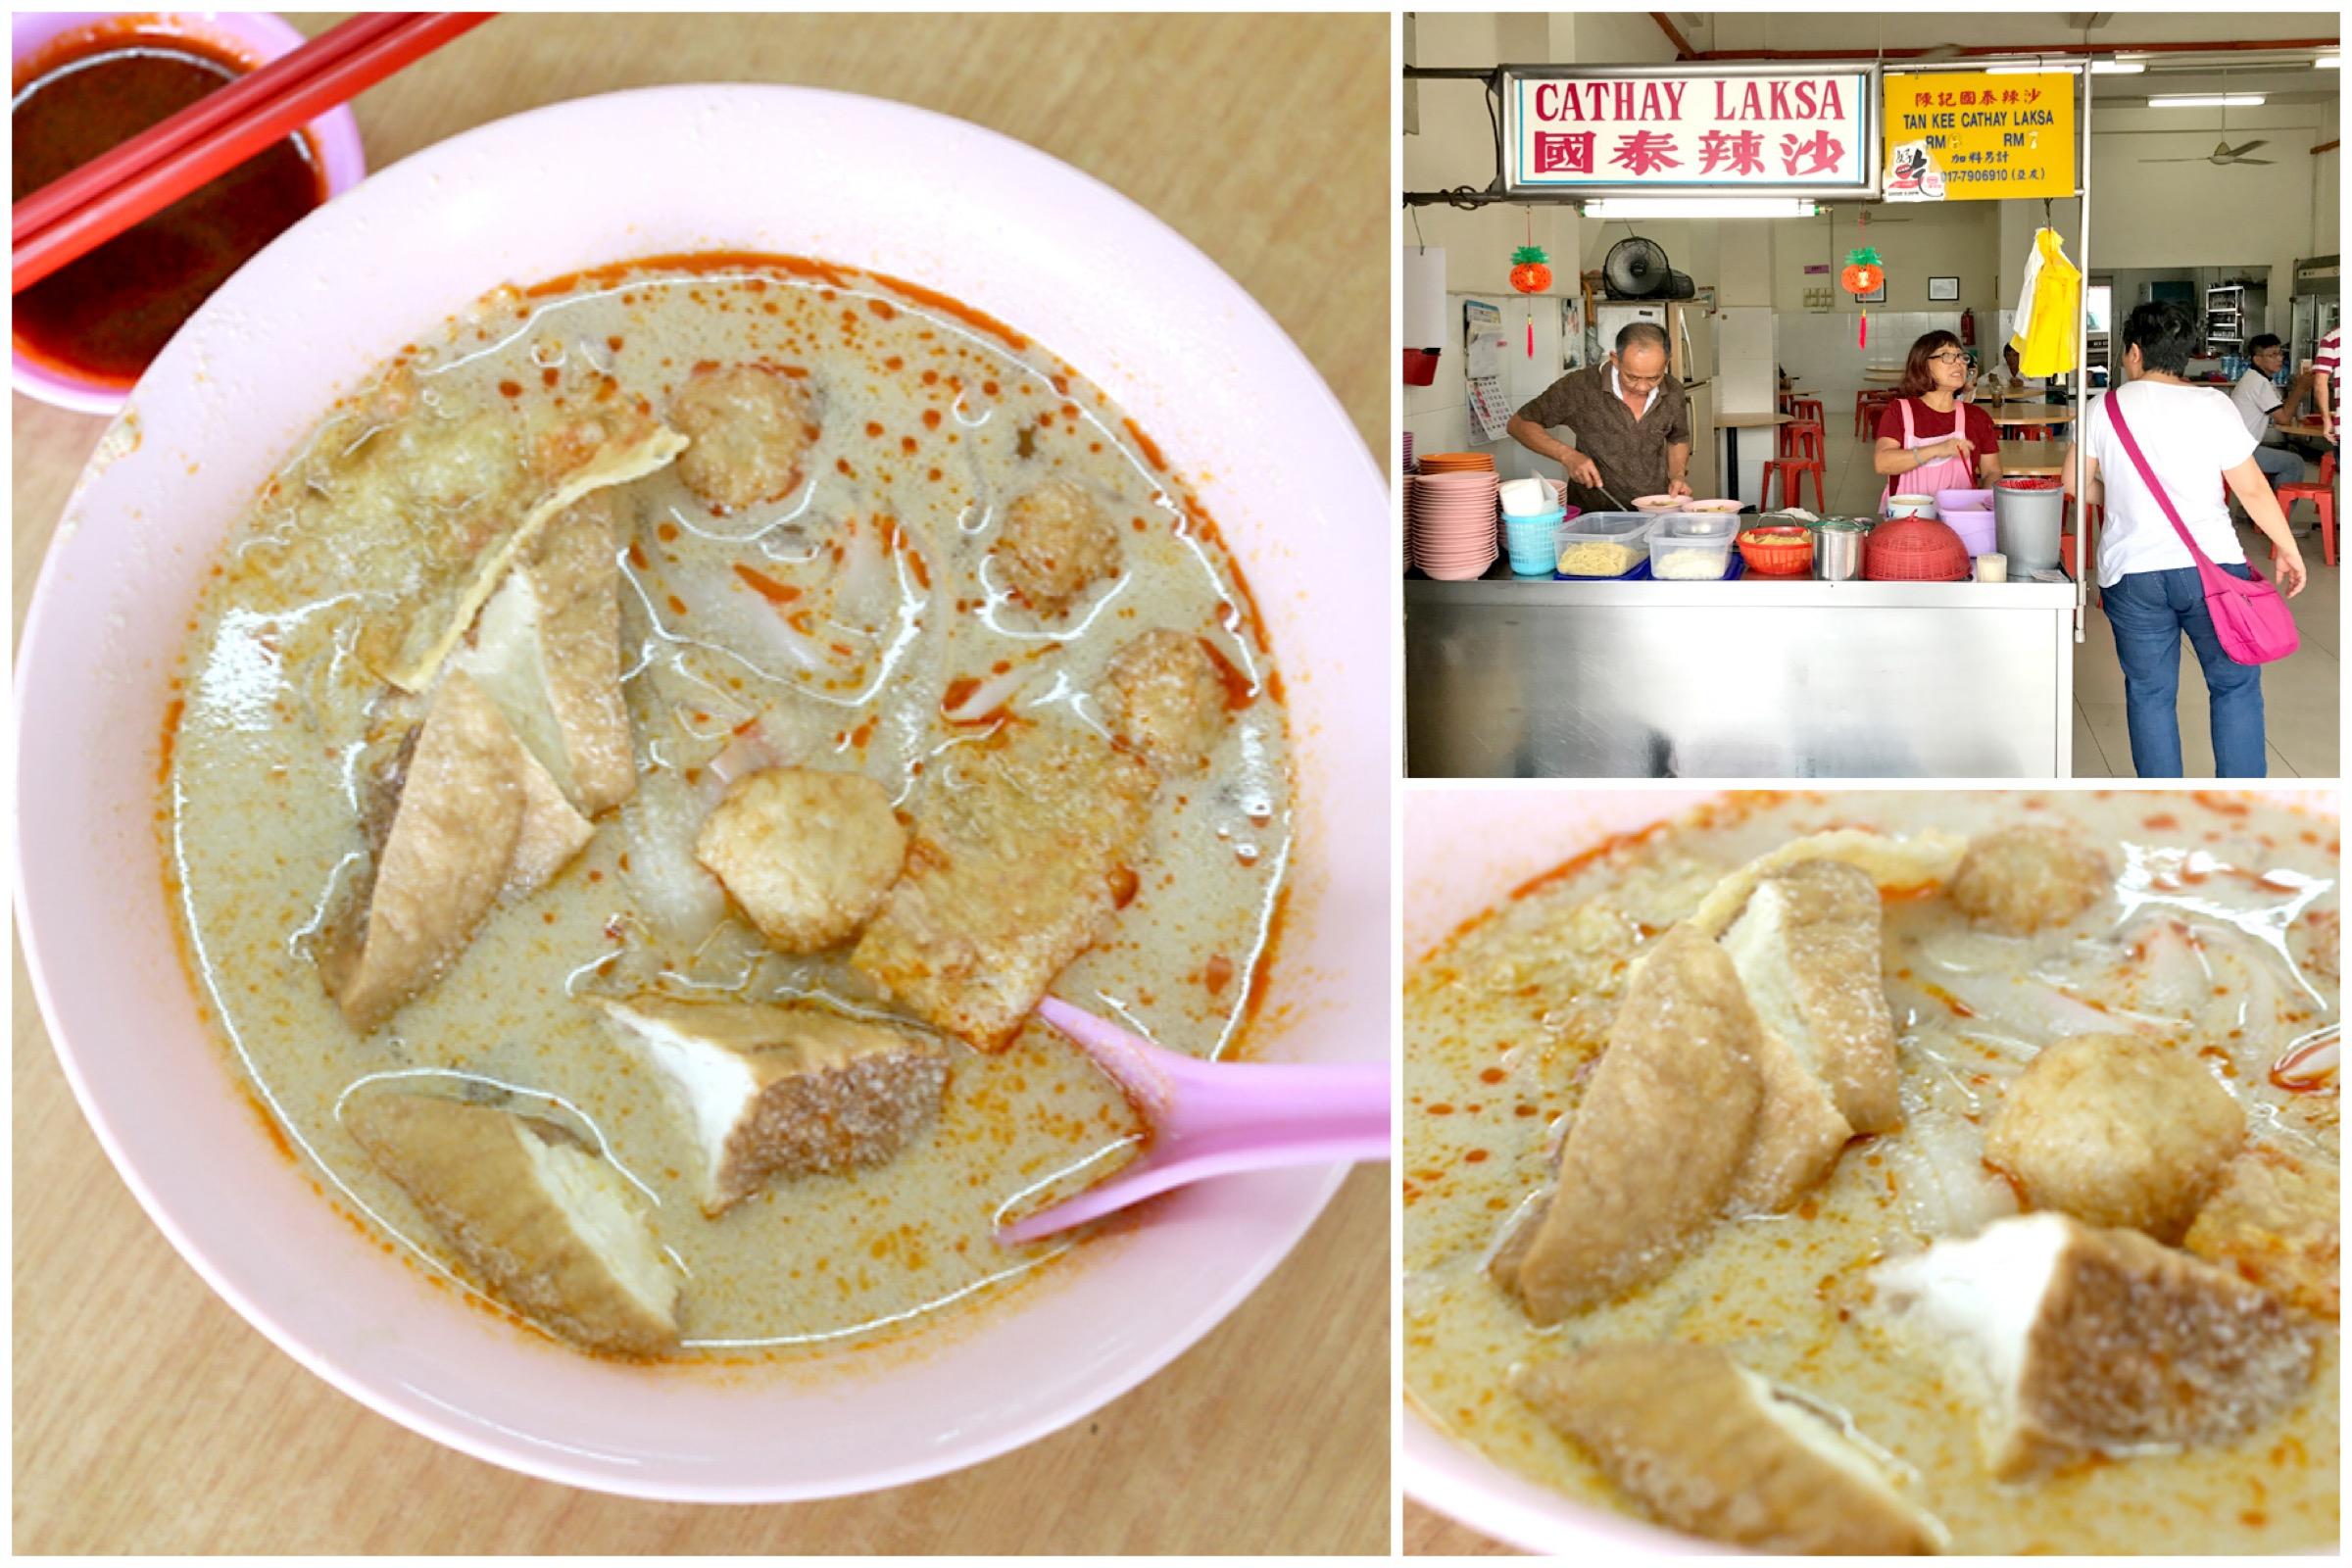 """Tan Kee Cathay Laksa 陈记国泰辣沙 - Nostalgic """"Cathay Laksa"""" Found At Johor Bahru"""